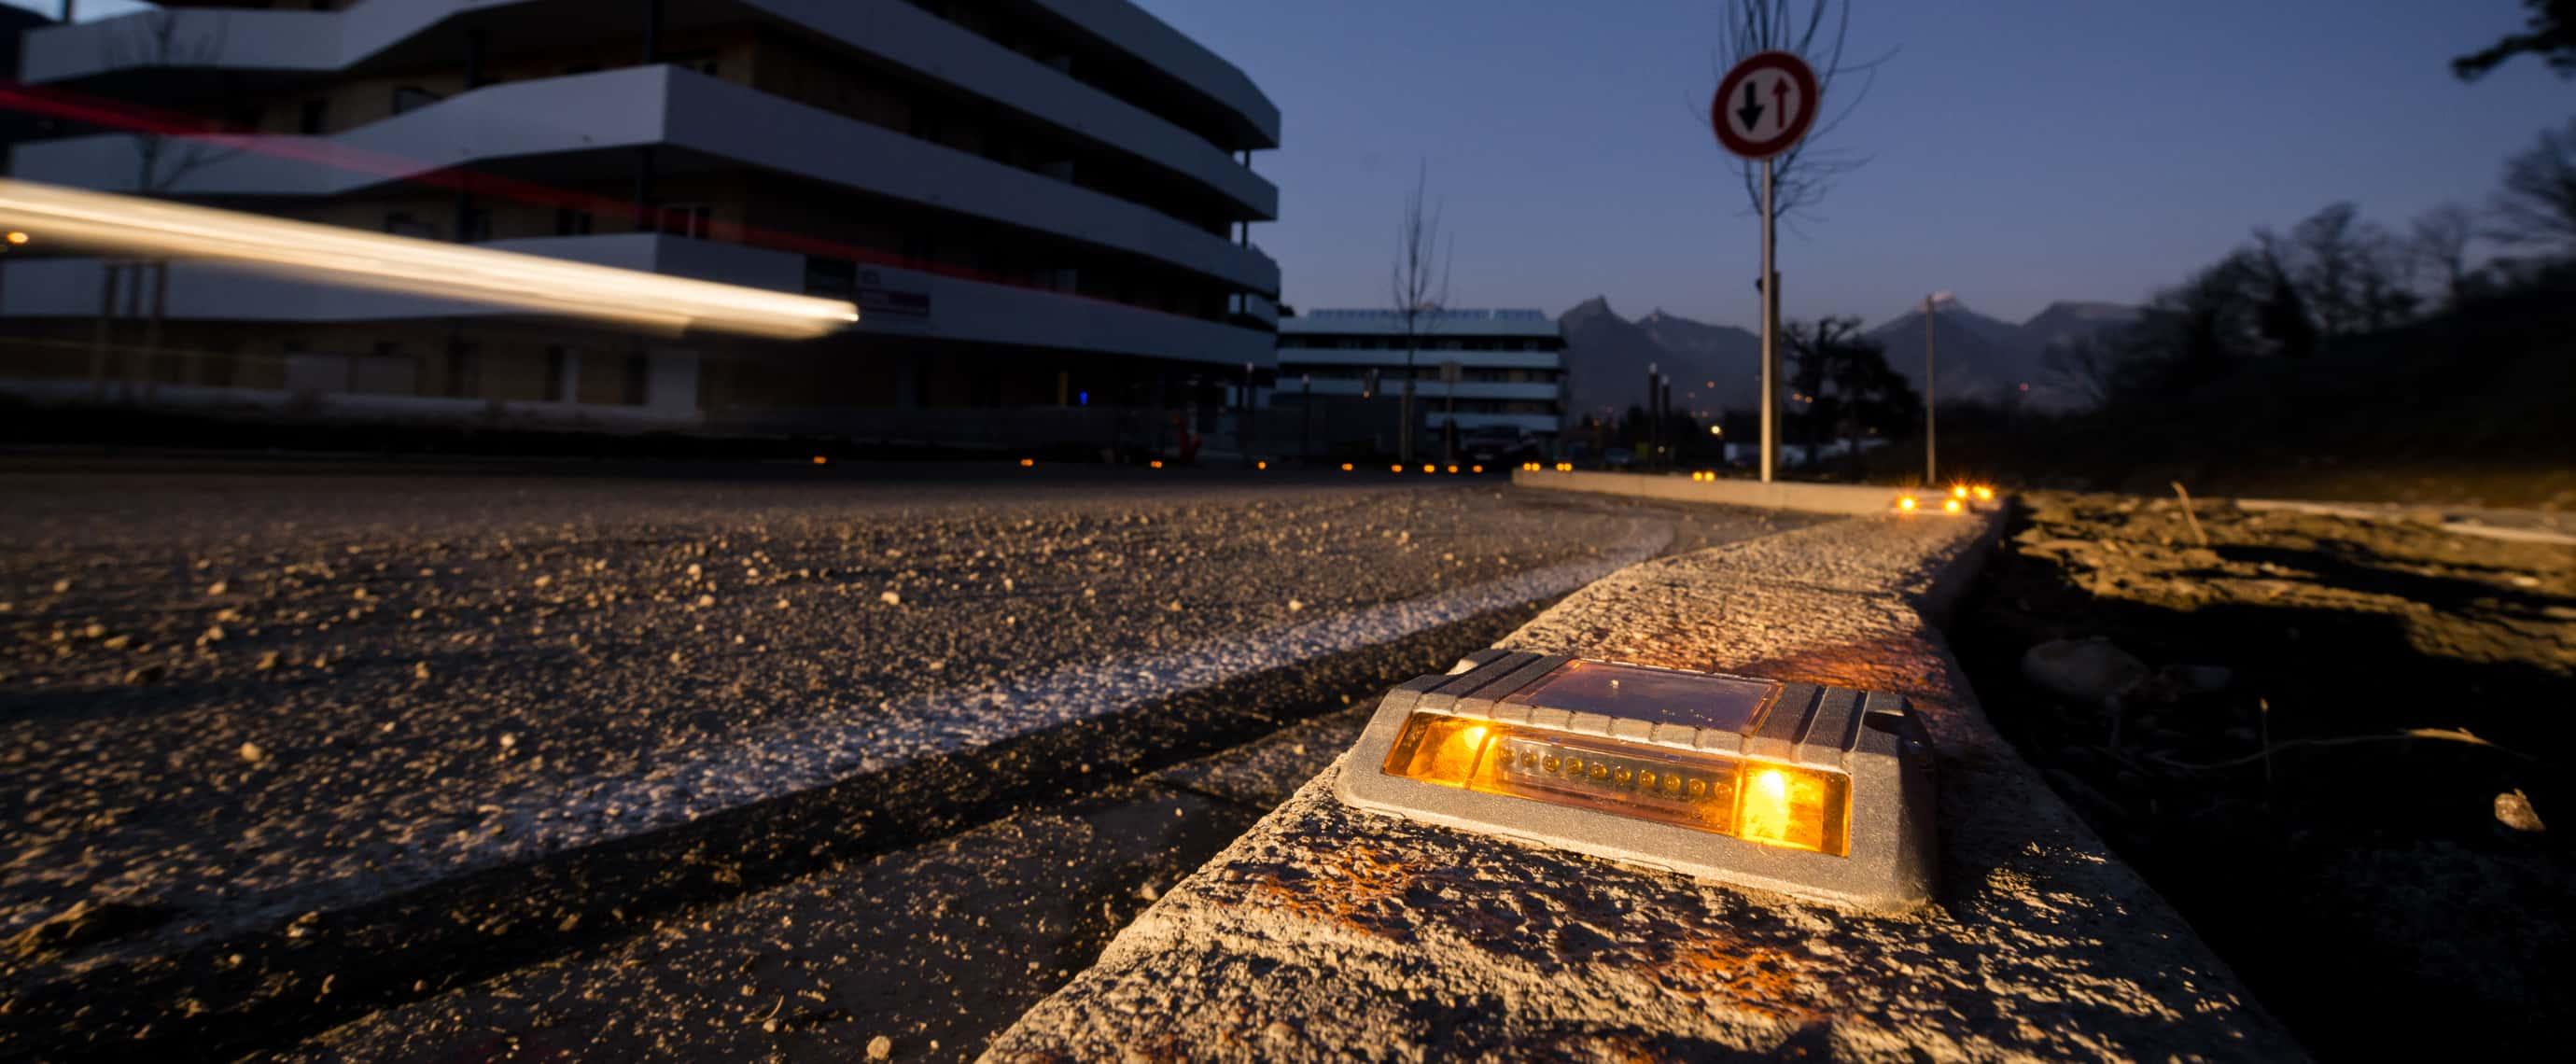 Balisage sécurité LED signalisation plot solaire ECO-118 Eco-Innov